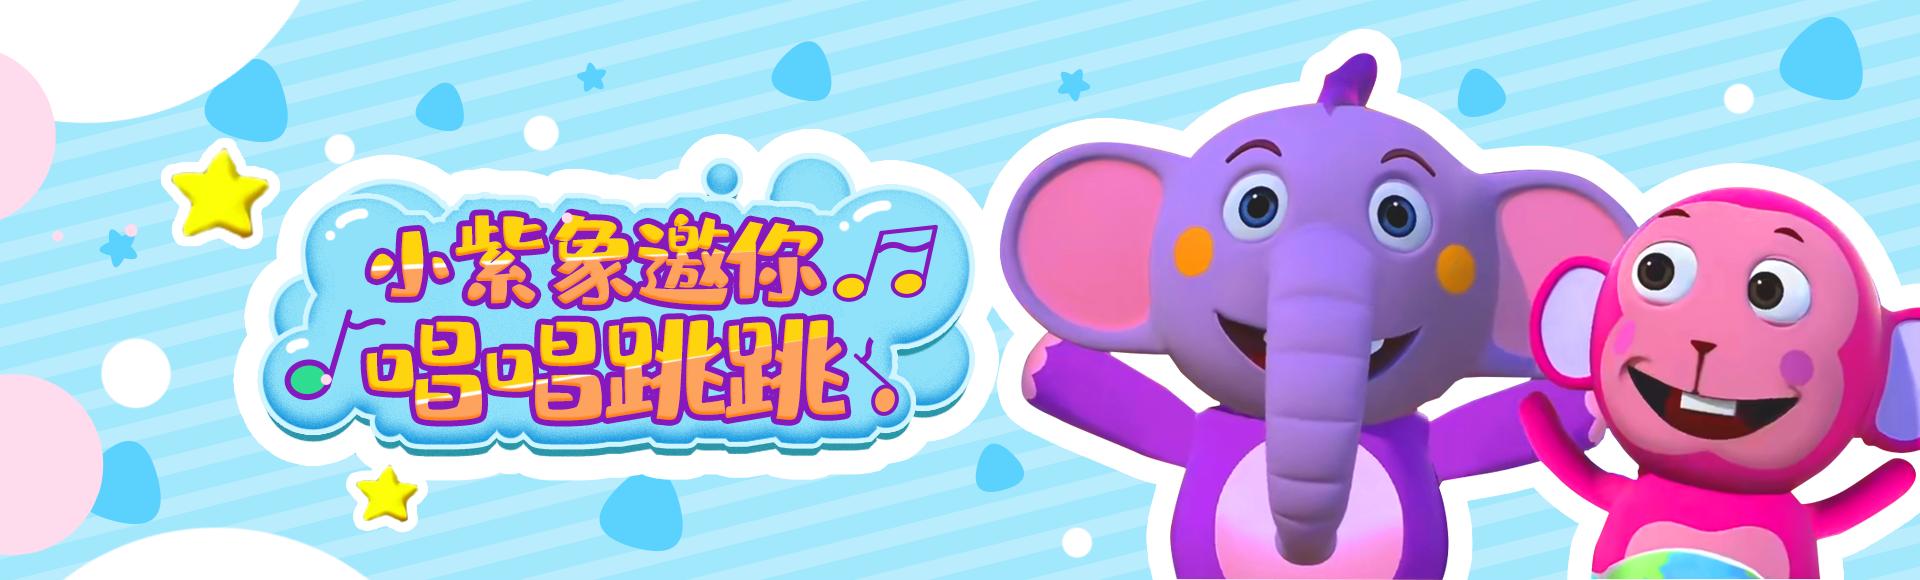 小紫象邀你唱唱跳跳